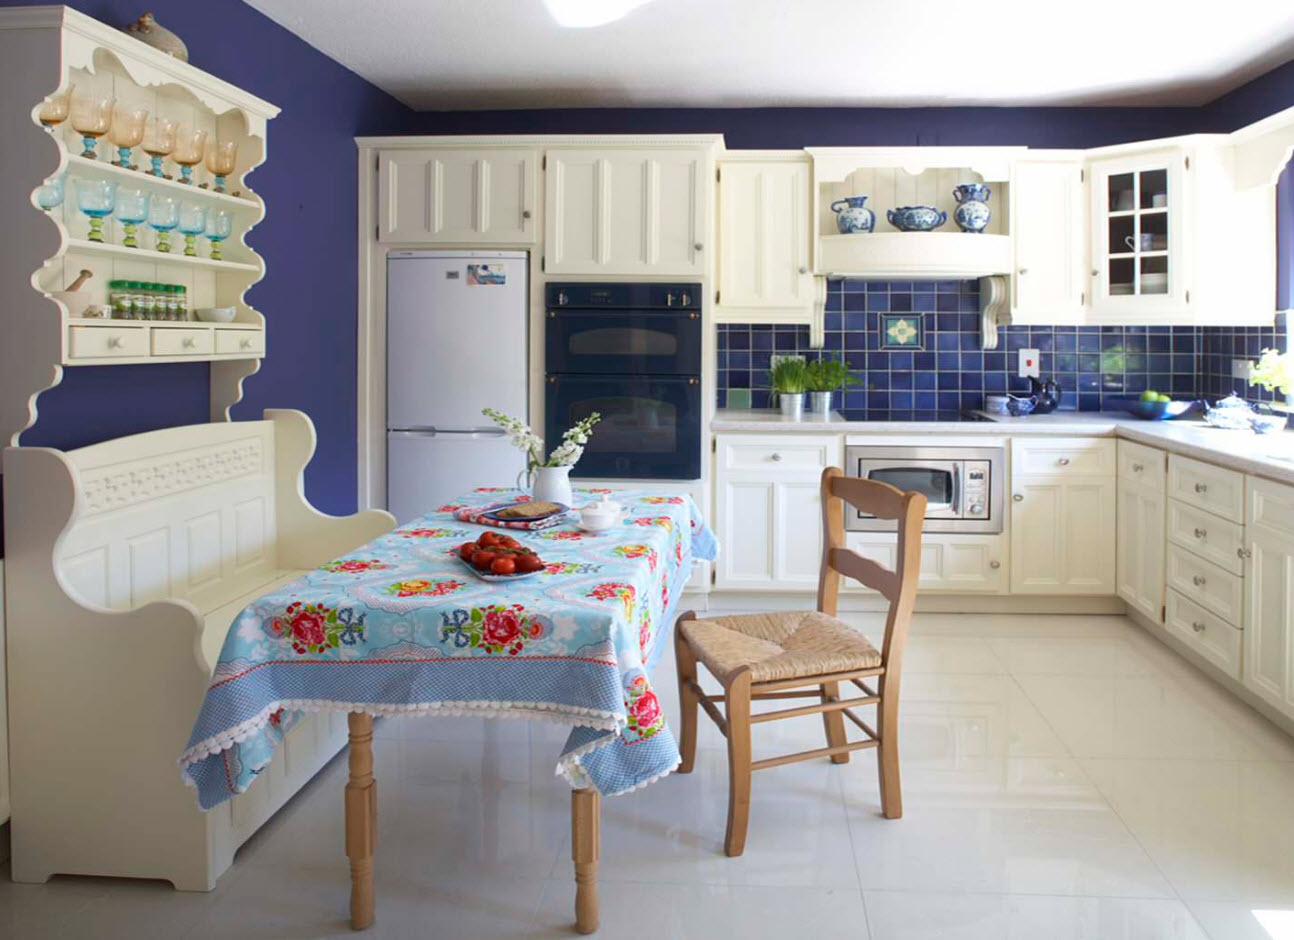 Скатерть для кухни в бело-синих тонах